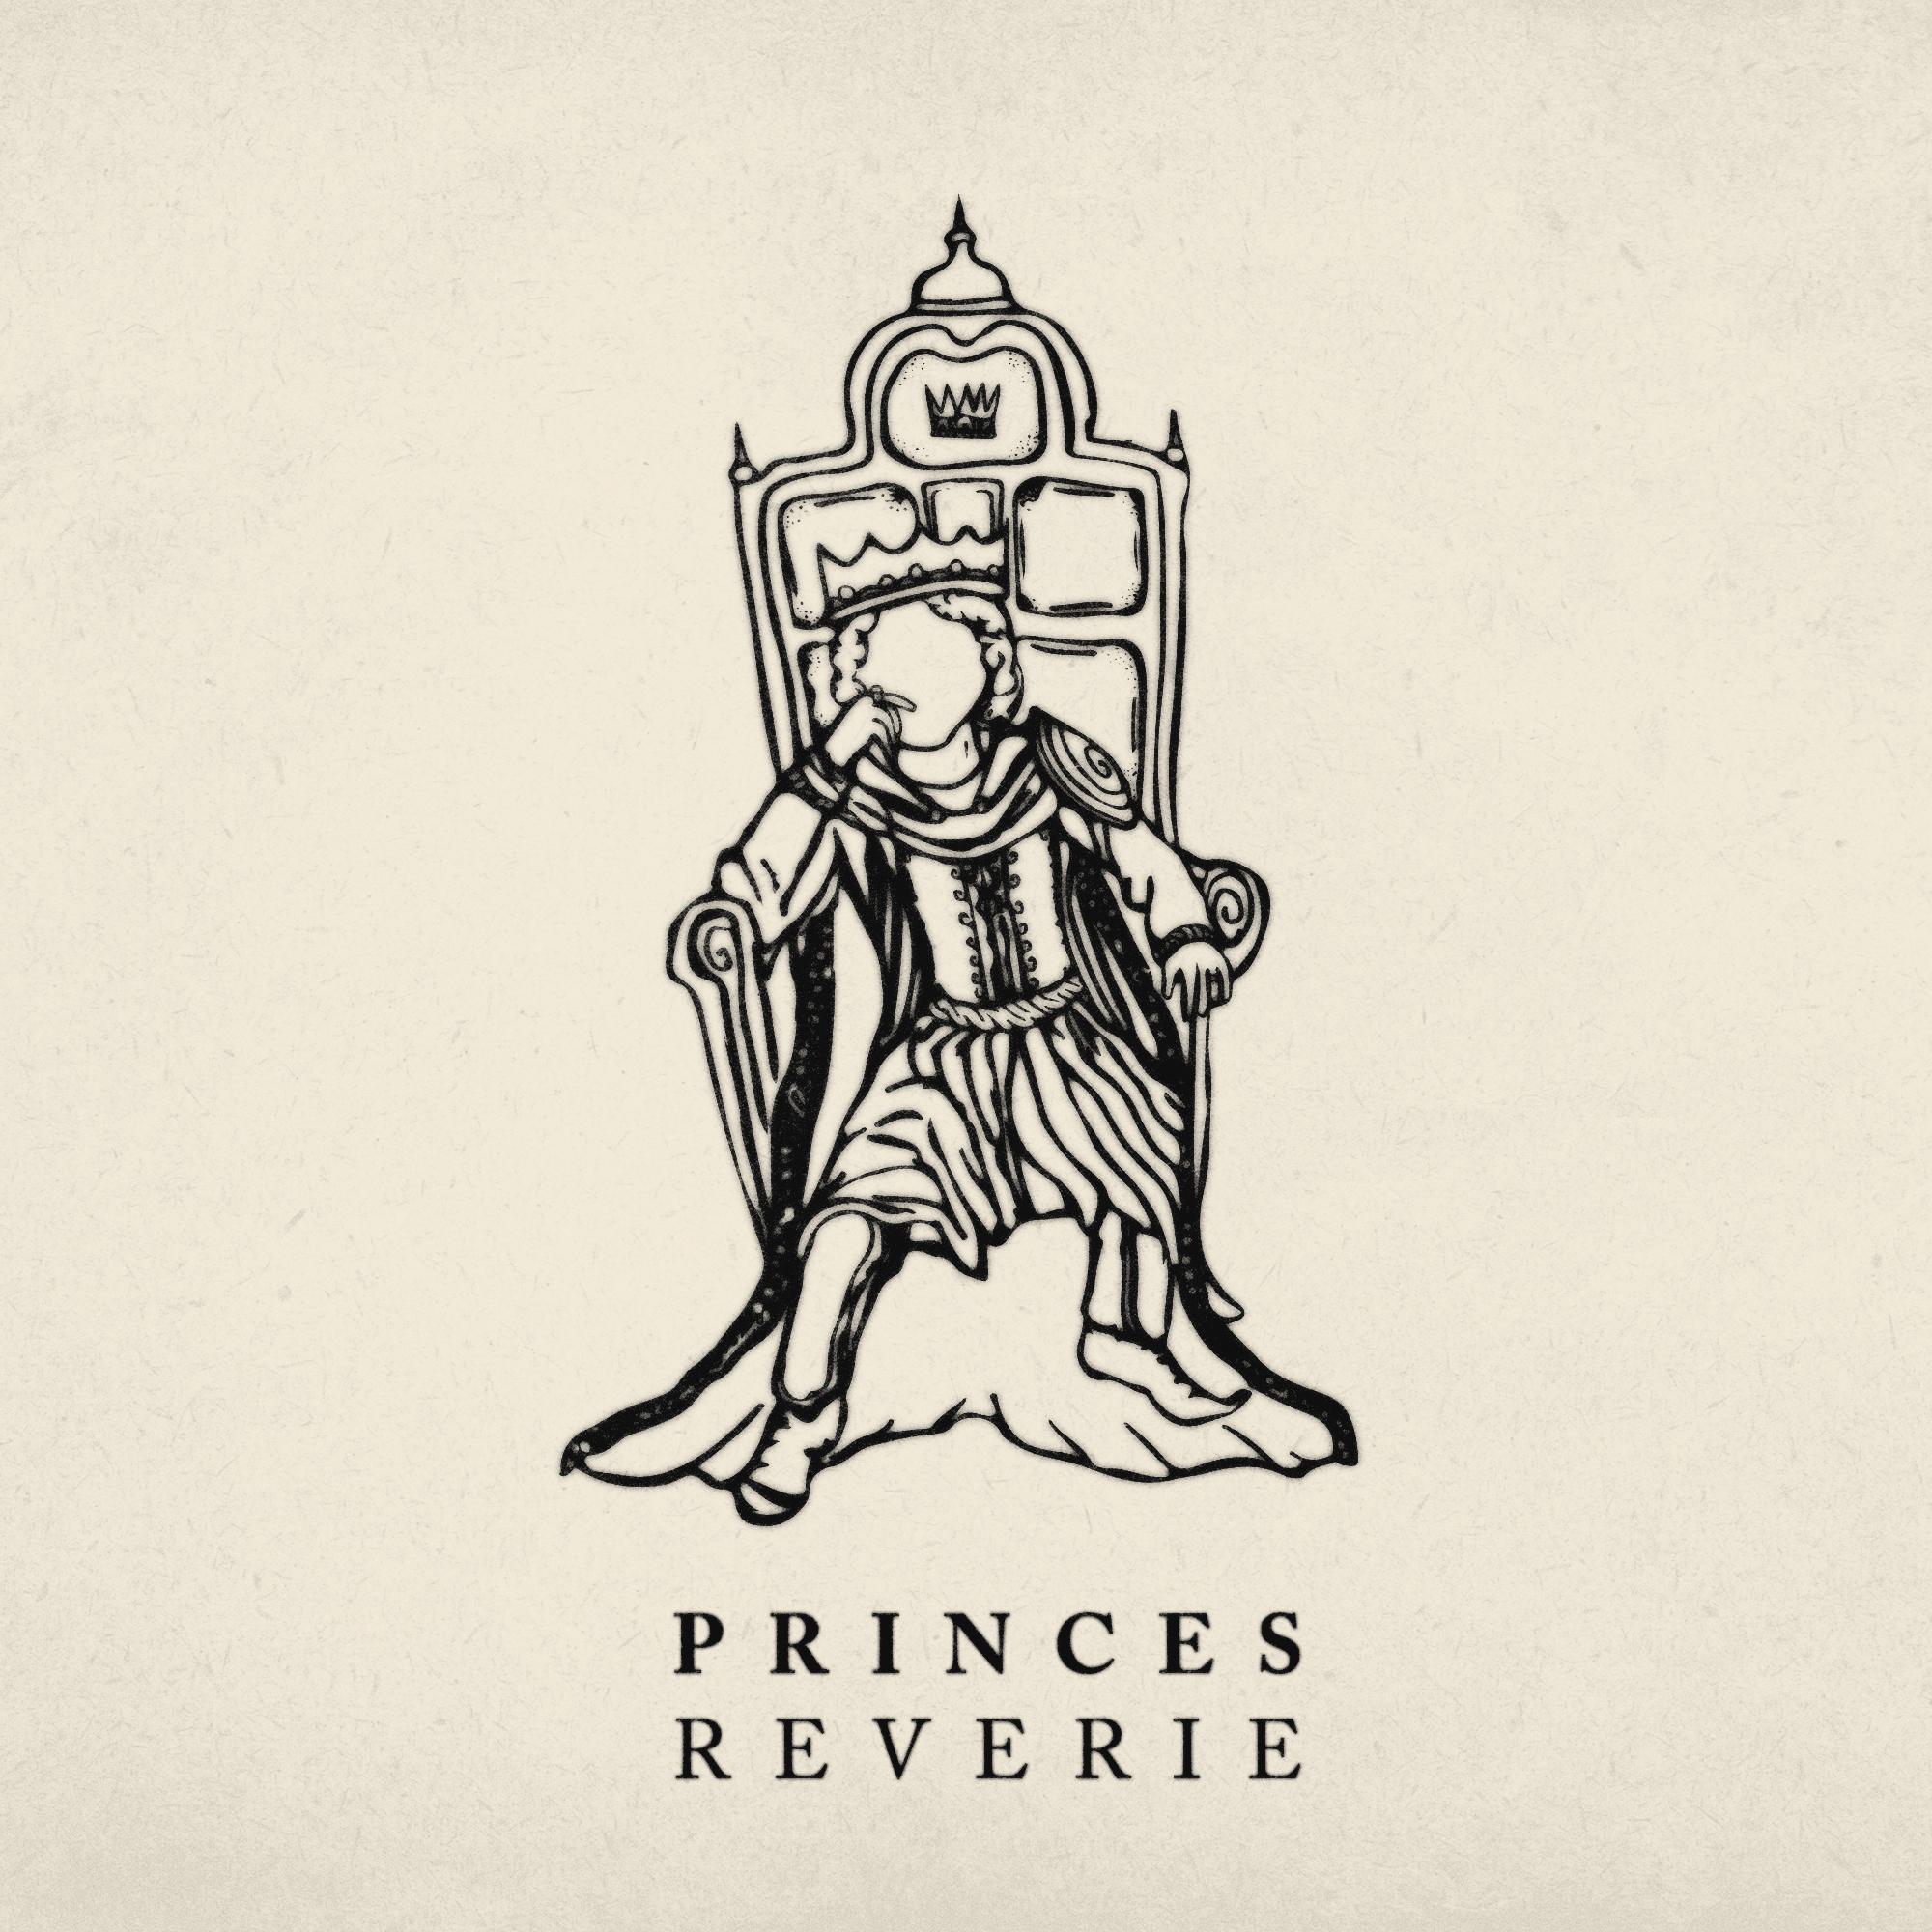 Princes Small.jpg